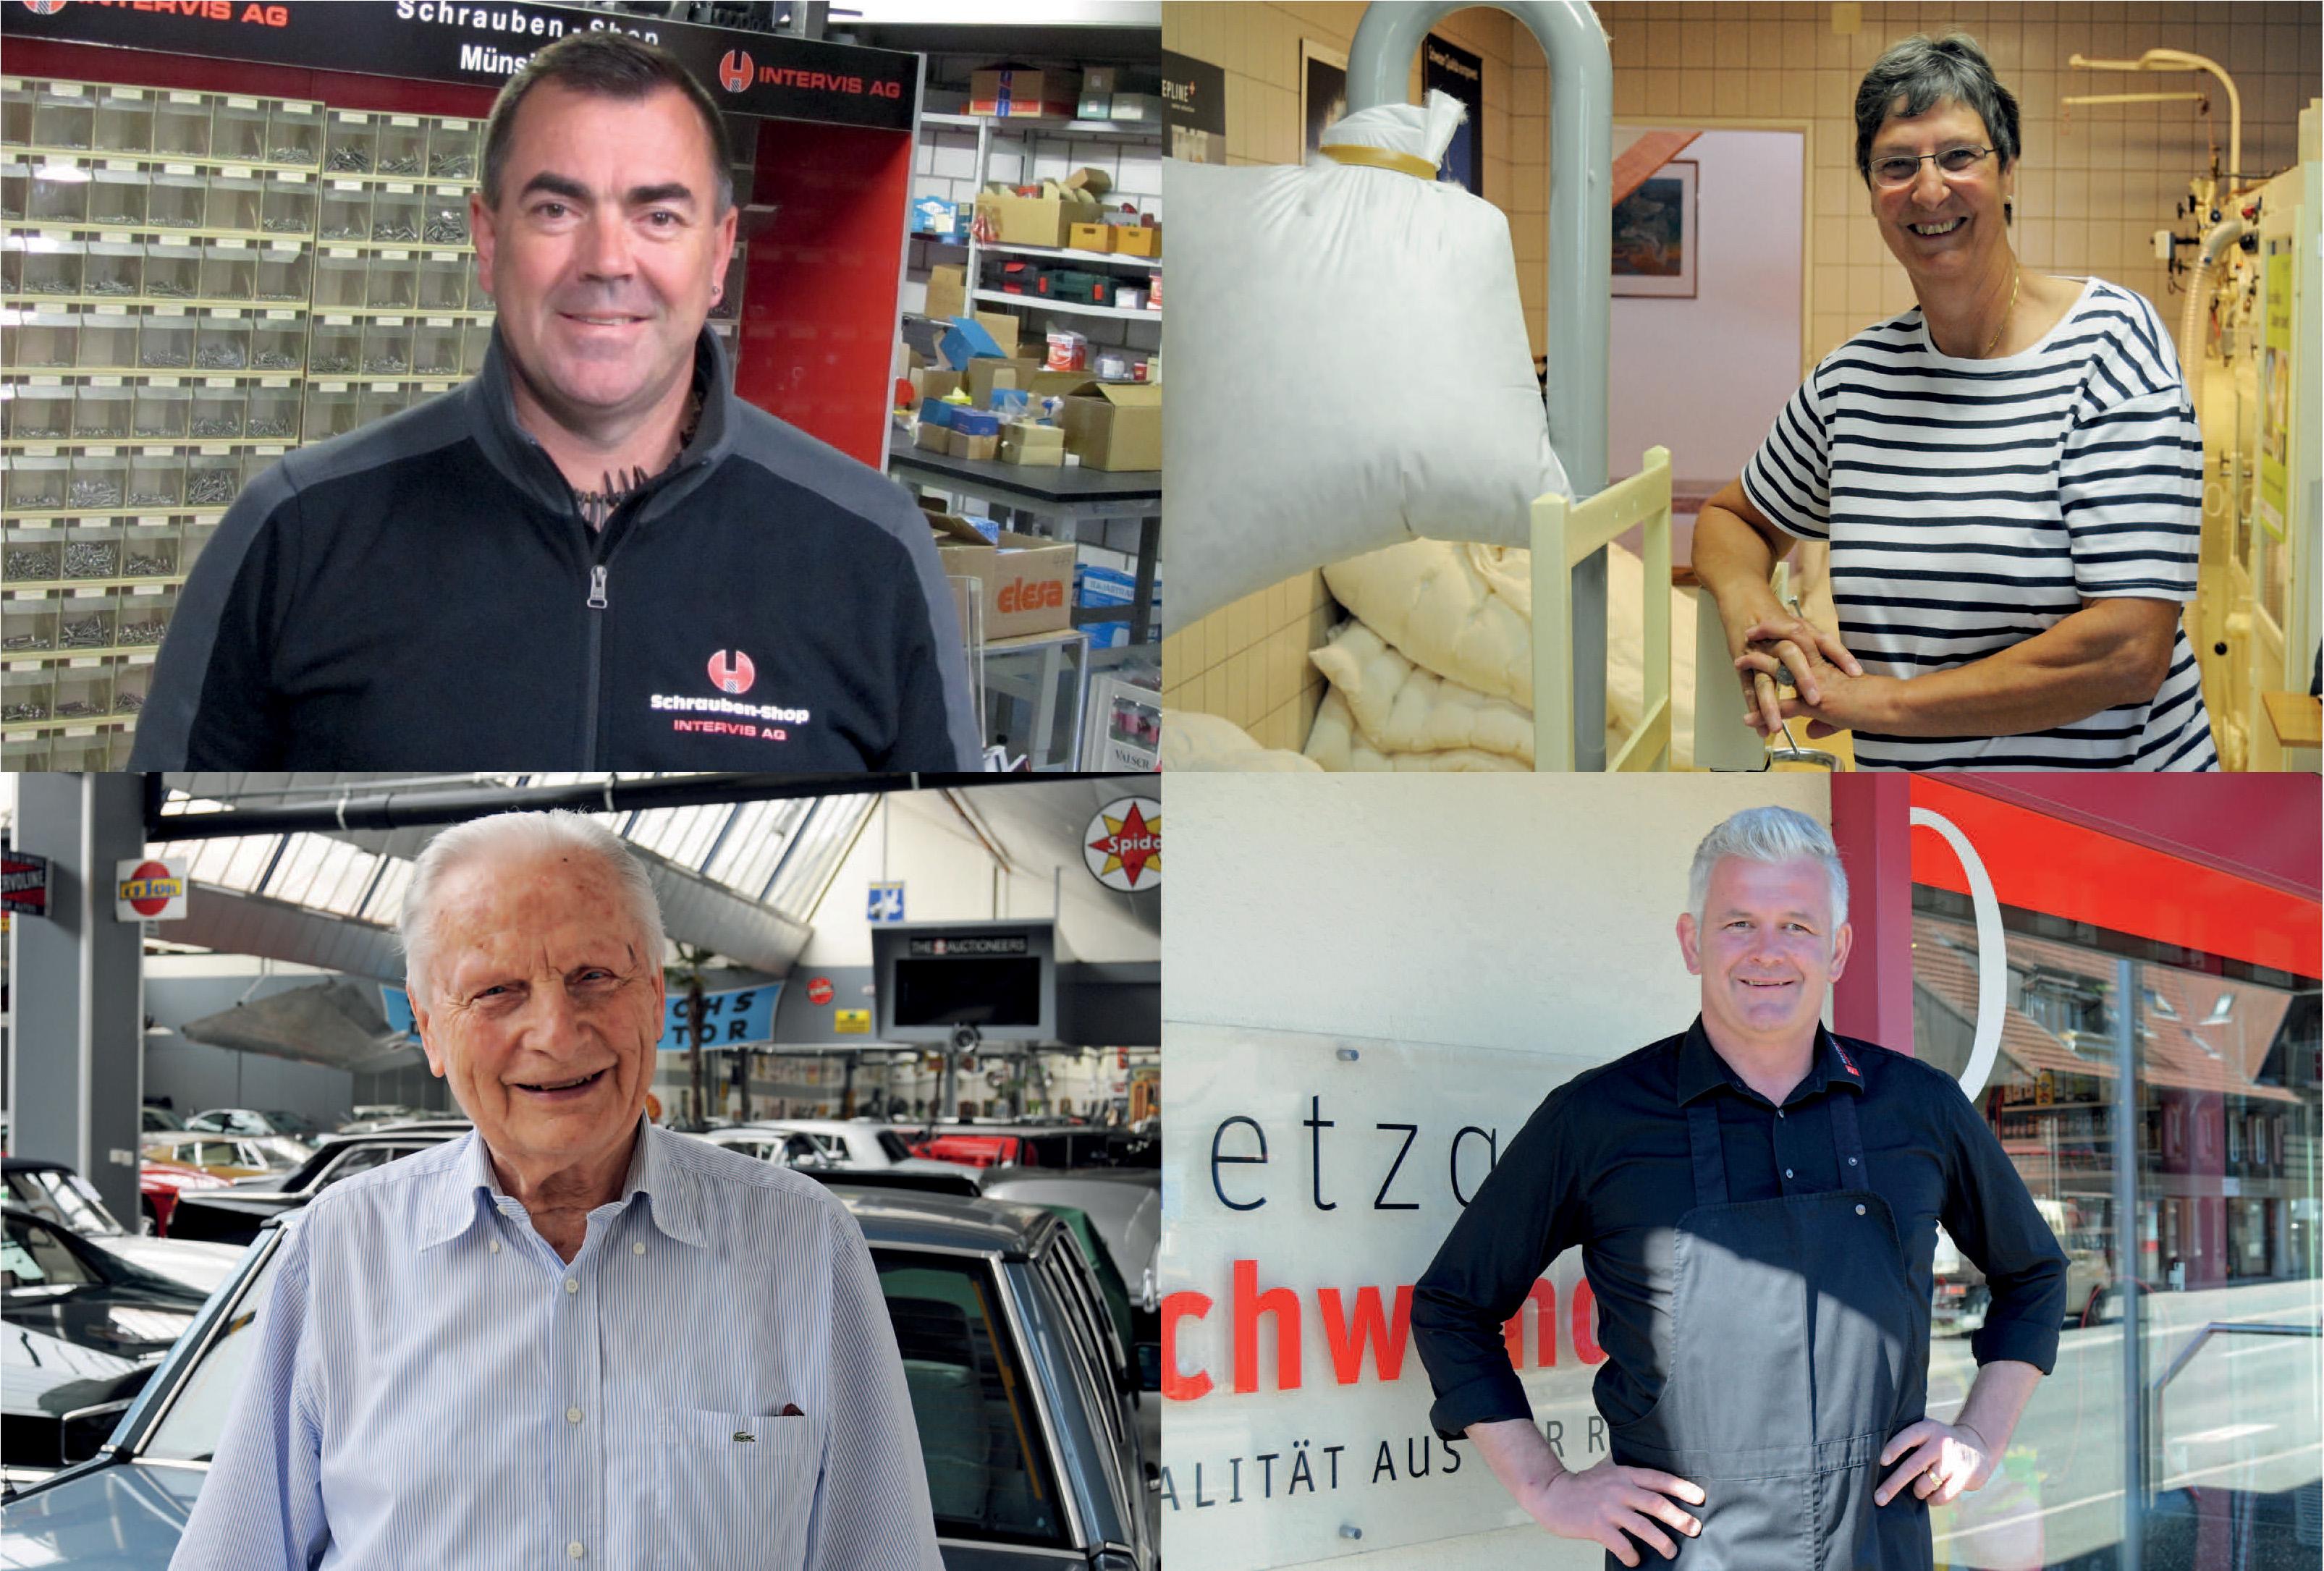 Die Spannung steigt: Wer gewinnt den dritten Berner KMU Award?